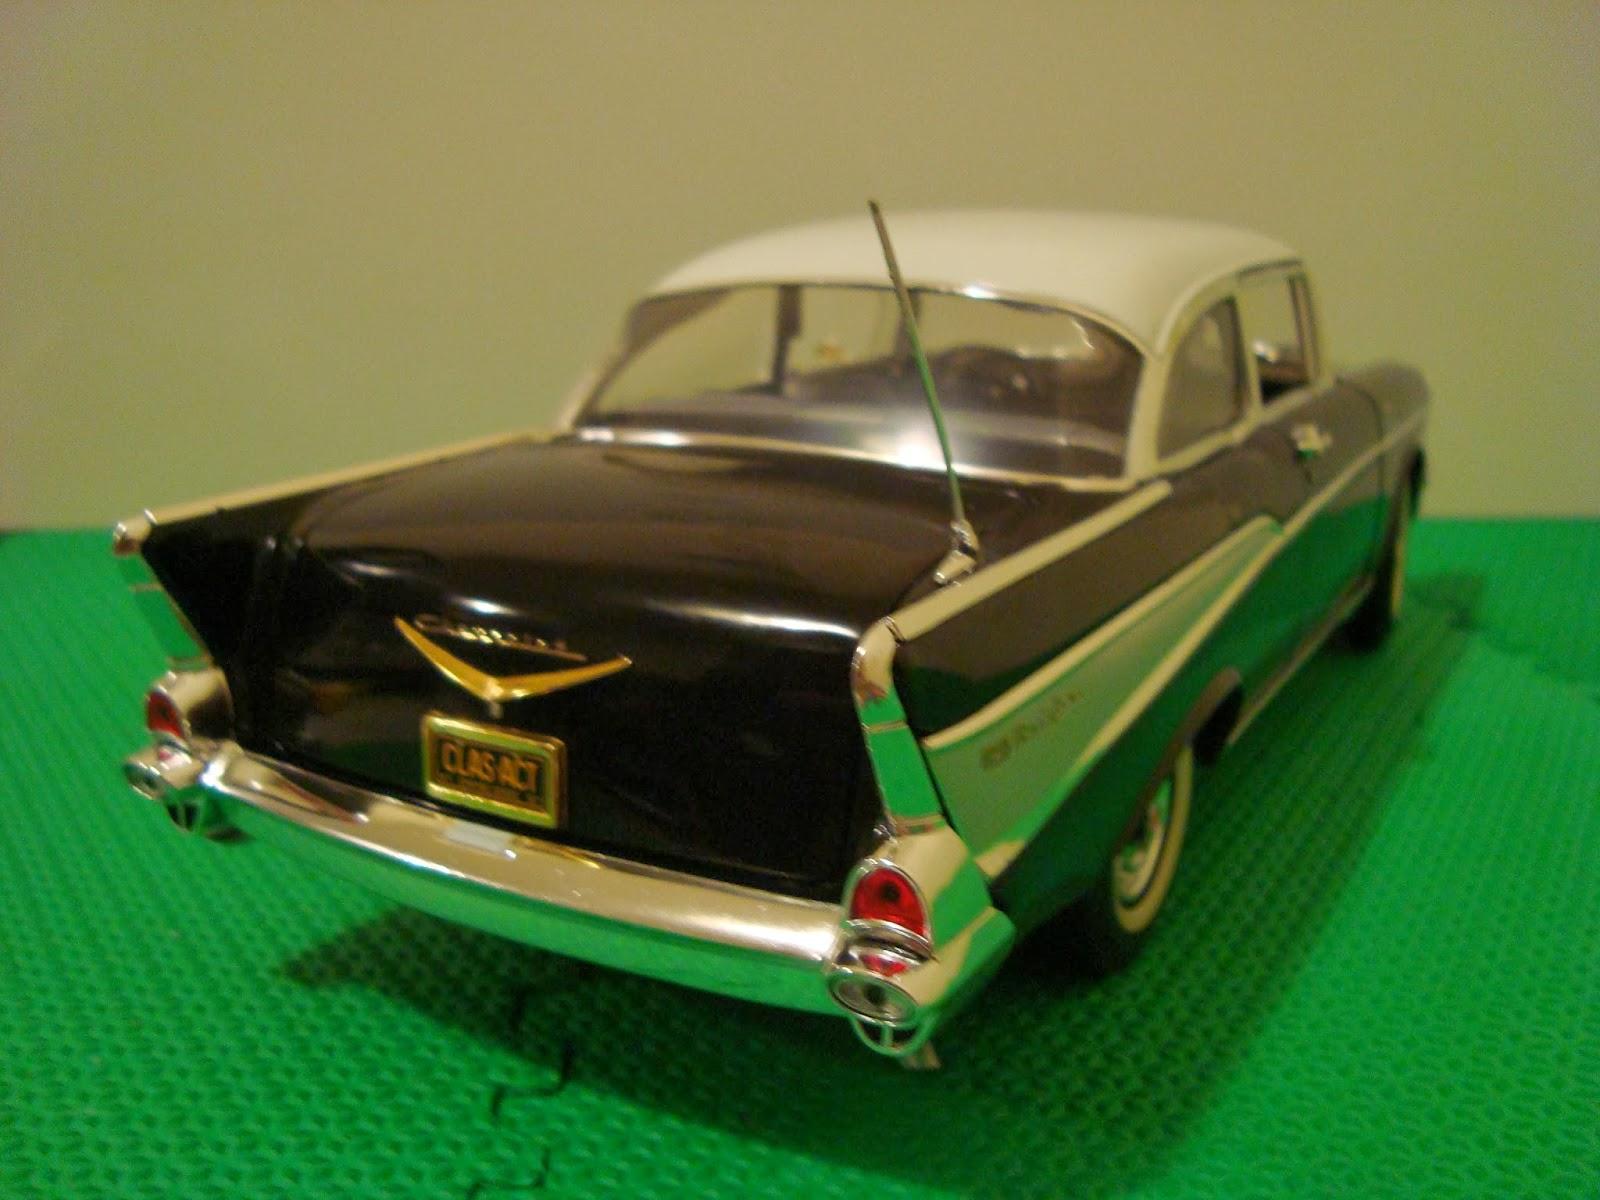 Chevys Lincoln Ne >> Diecast American Car Nutz!: 57 Chevys